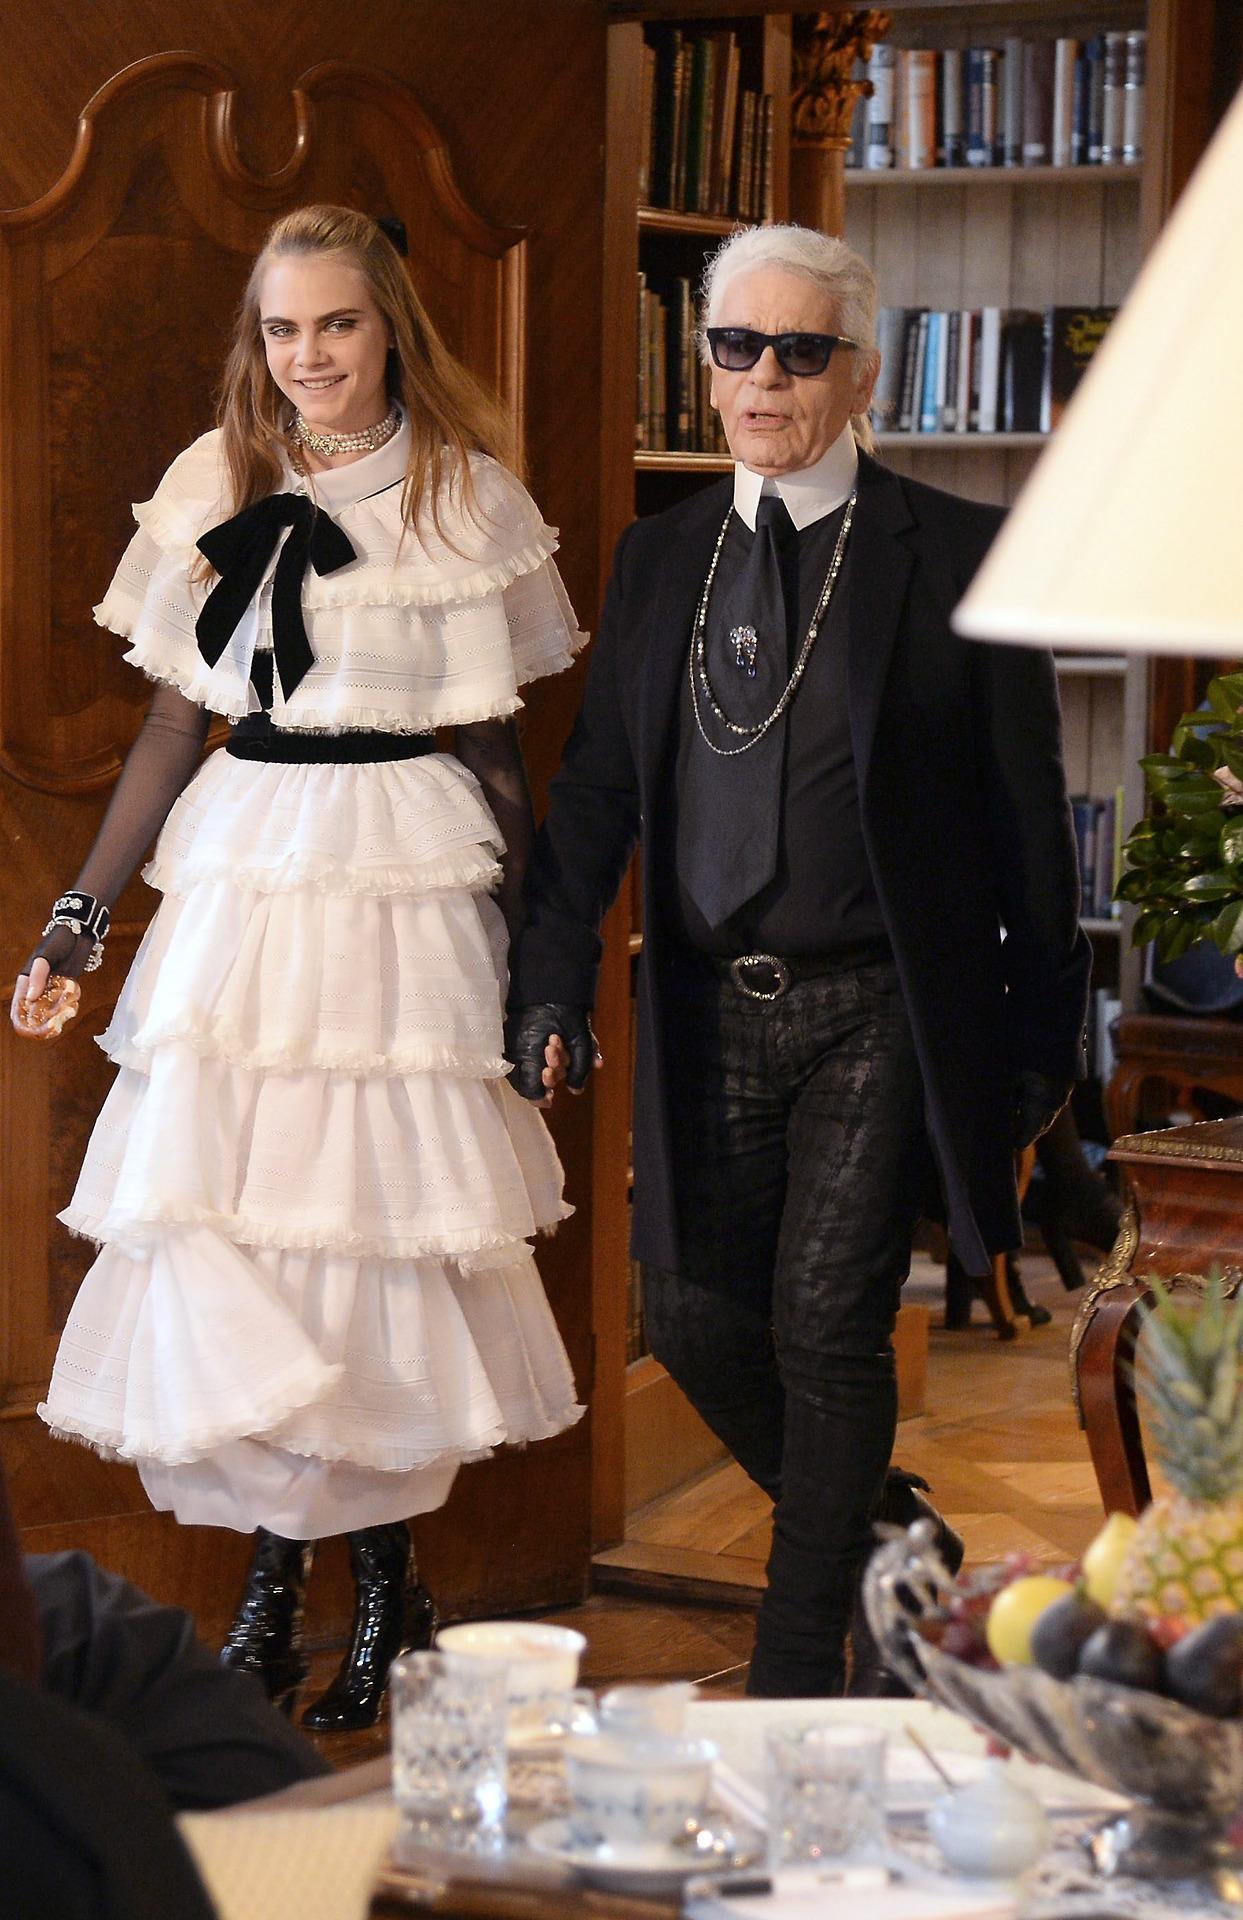 Chanel Metiers d'Art Show in Salzburg